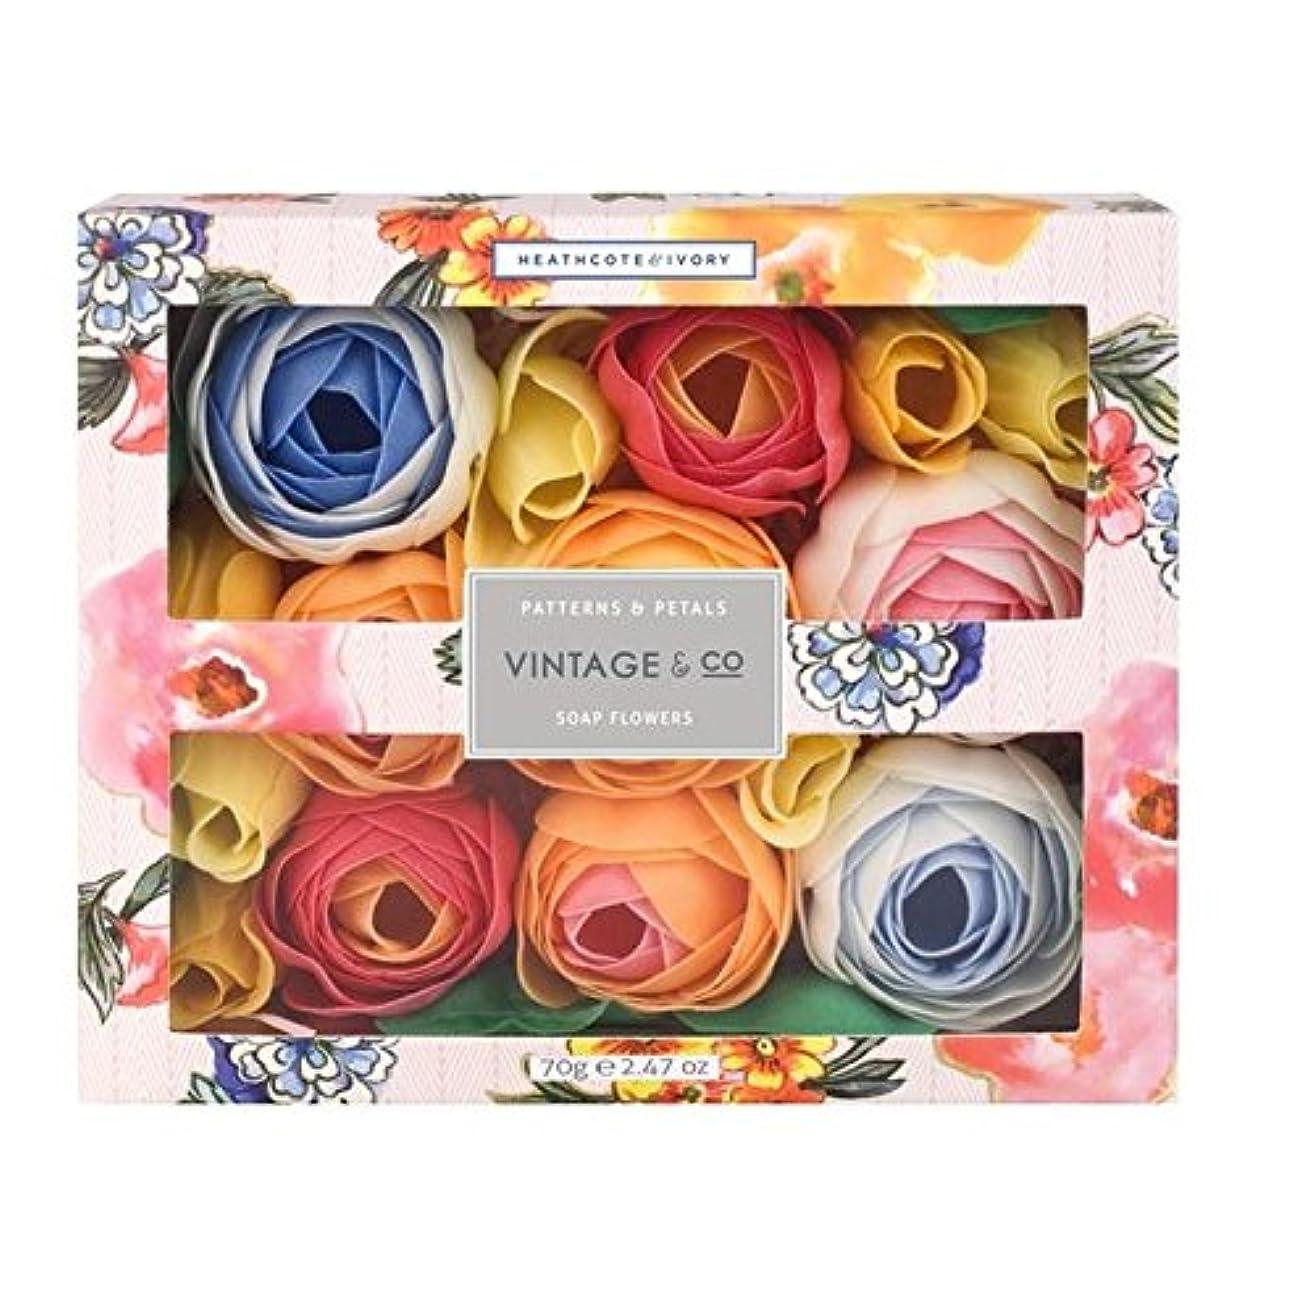 暴露ティッシュ生き残りヒースコート&アイボリーパターン&花びら石鹸の花70グラム x4 - Heathcote & Ivory Patterns & Petals Soap Flowers 70g (Pack of 4) [並行輸入品]